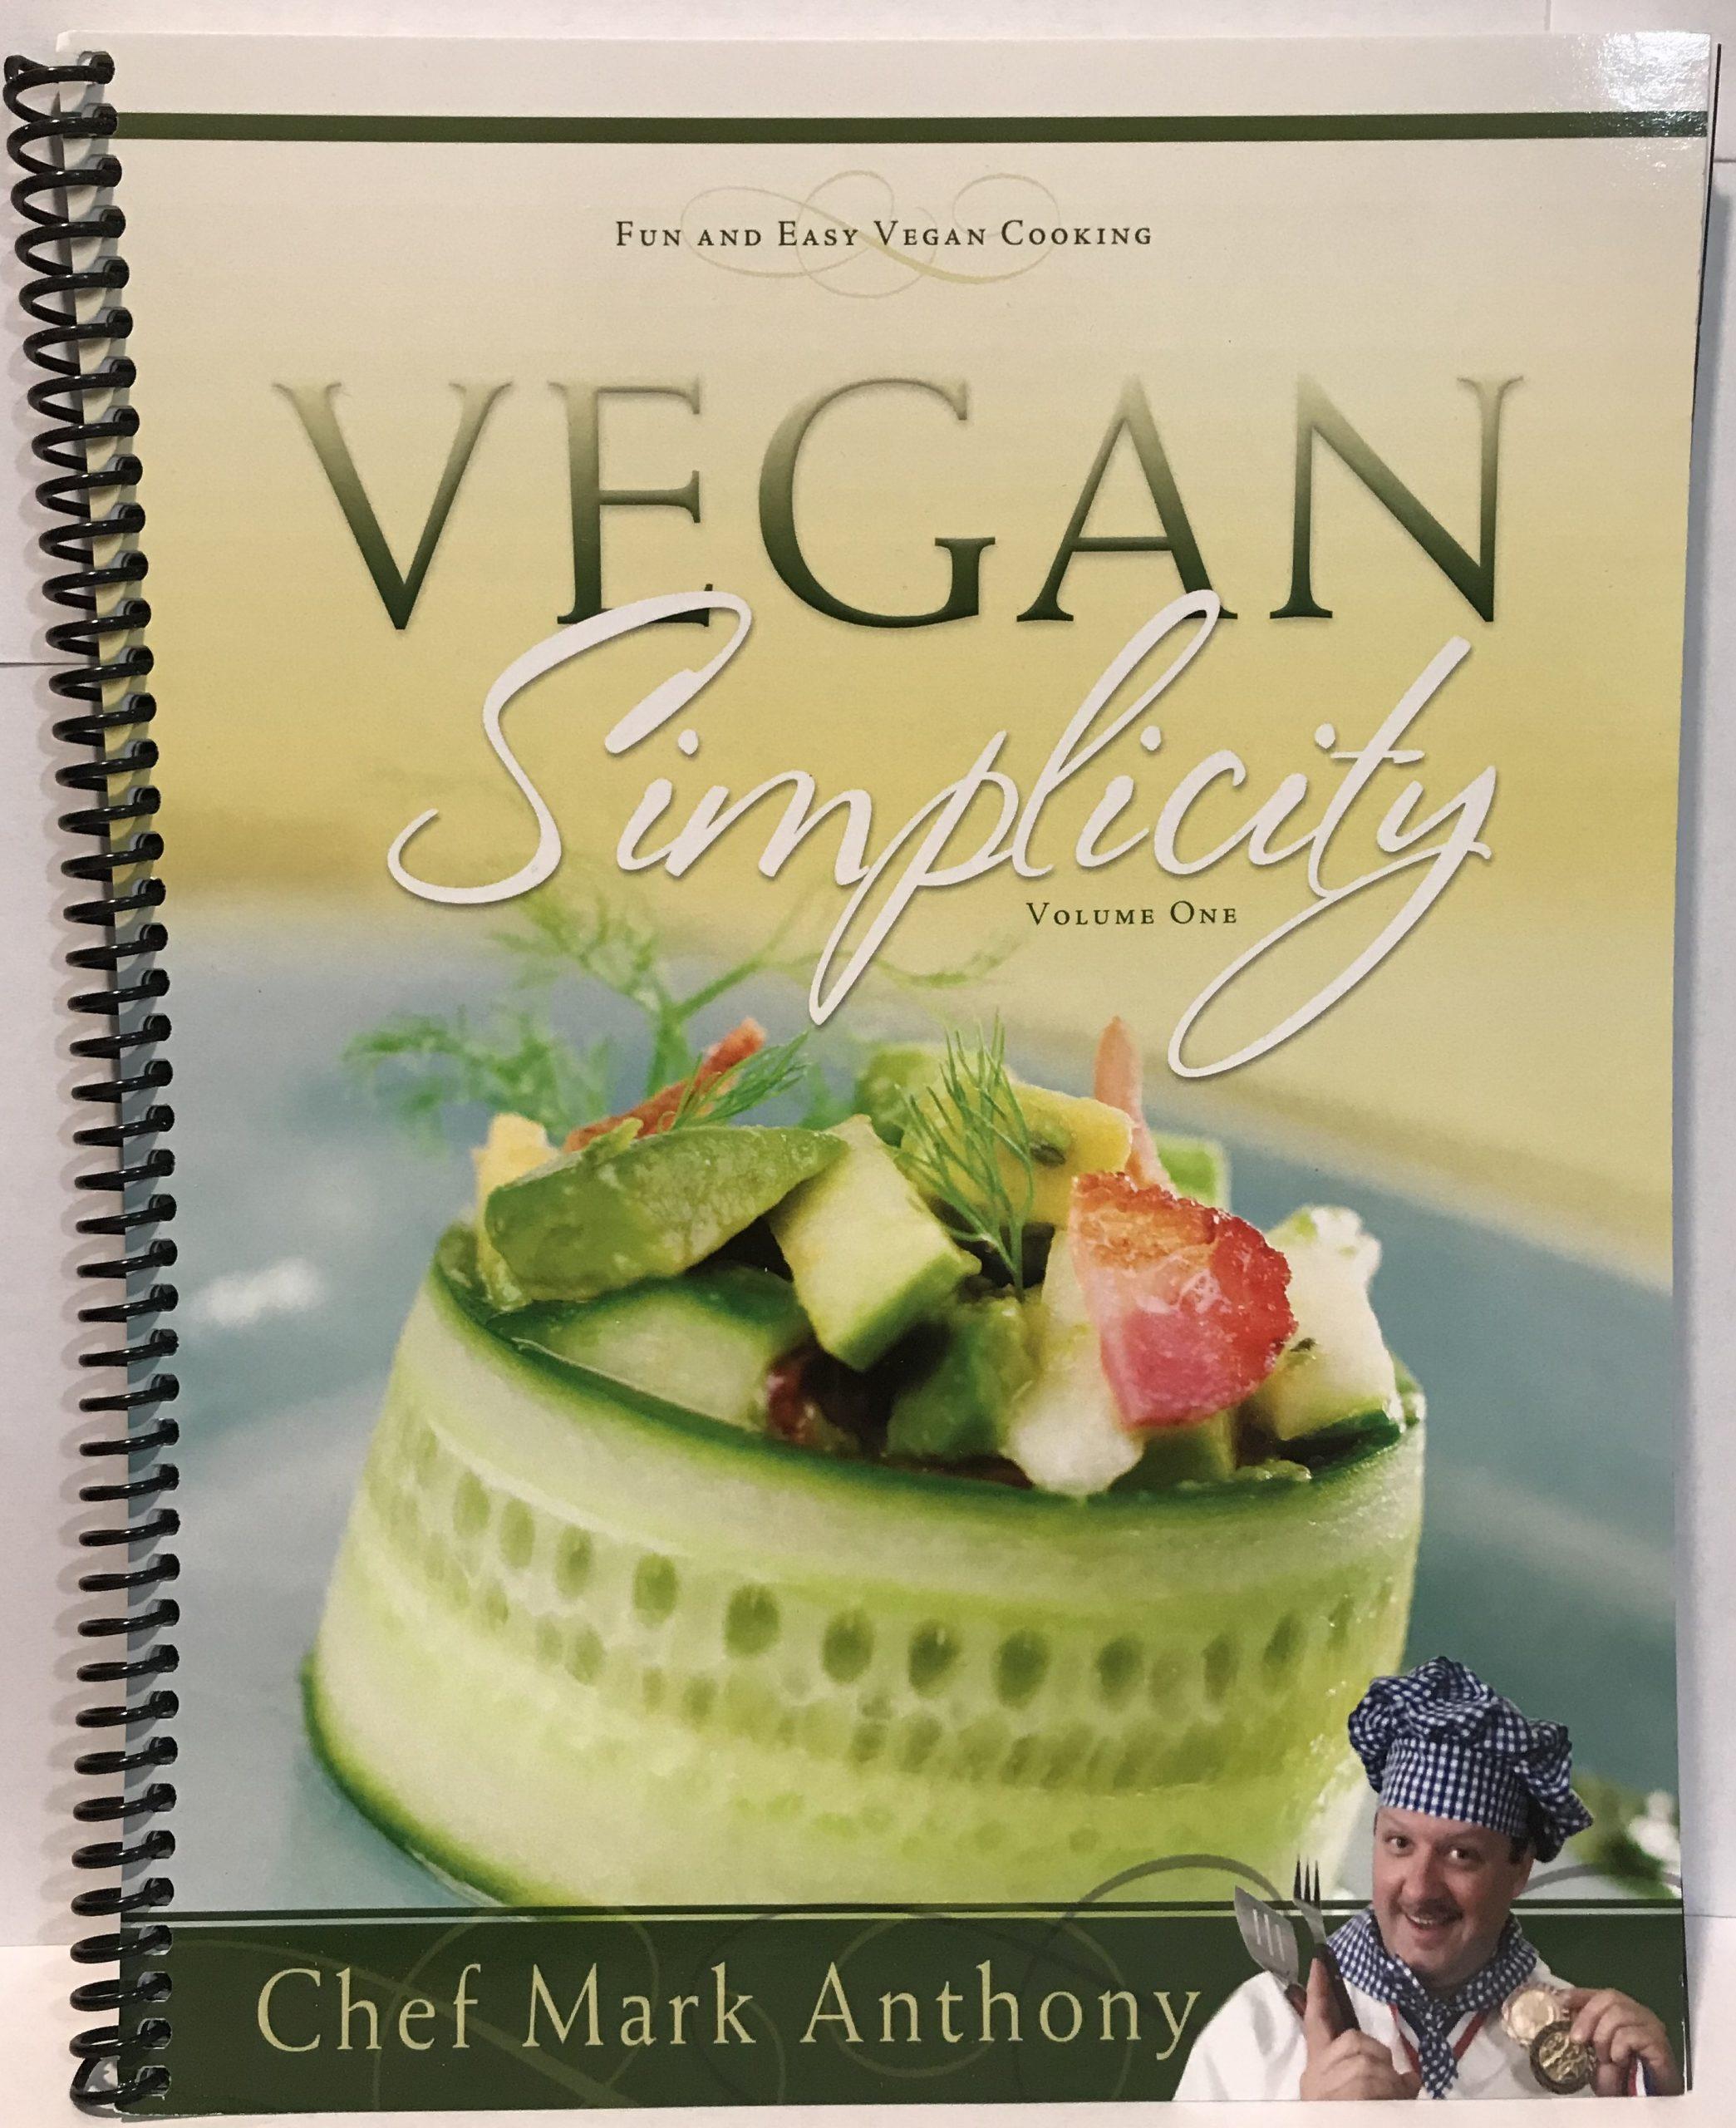 Simplicity Vegan